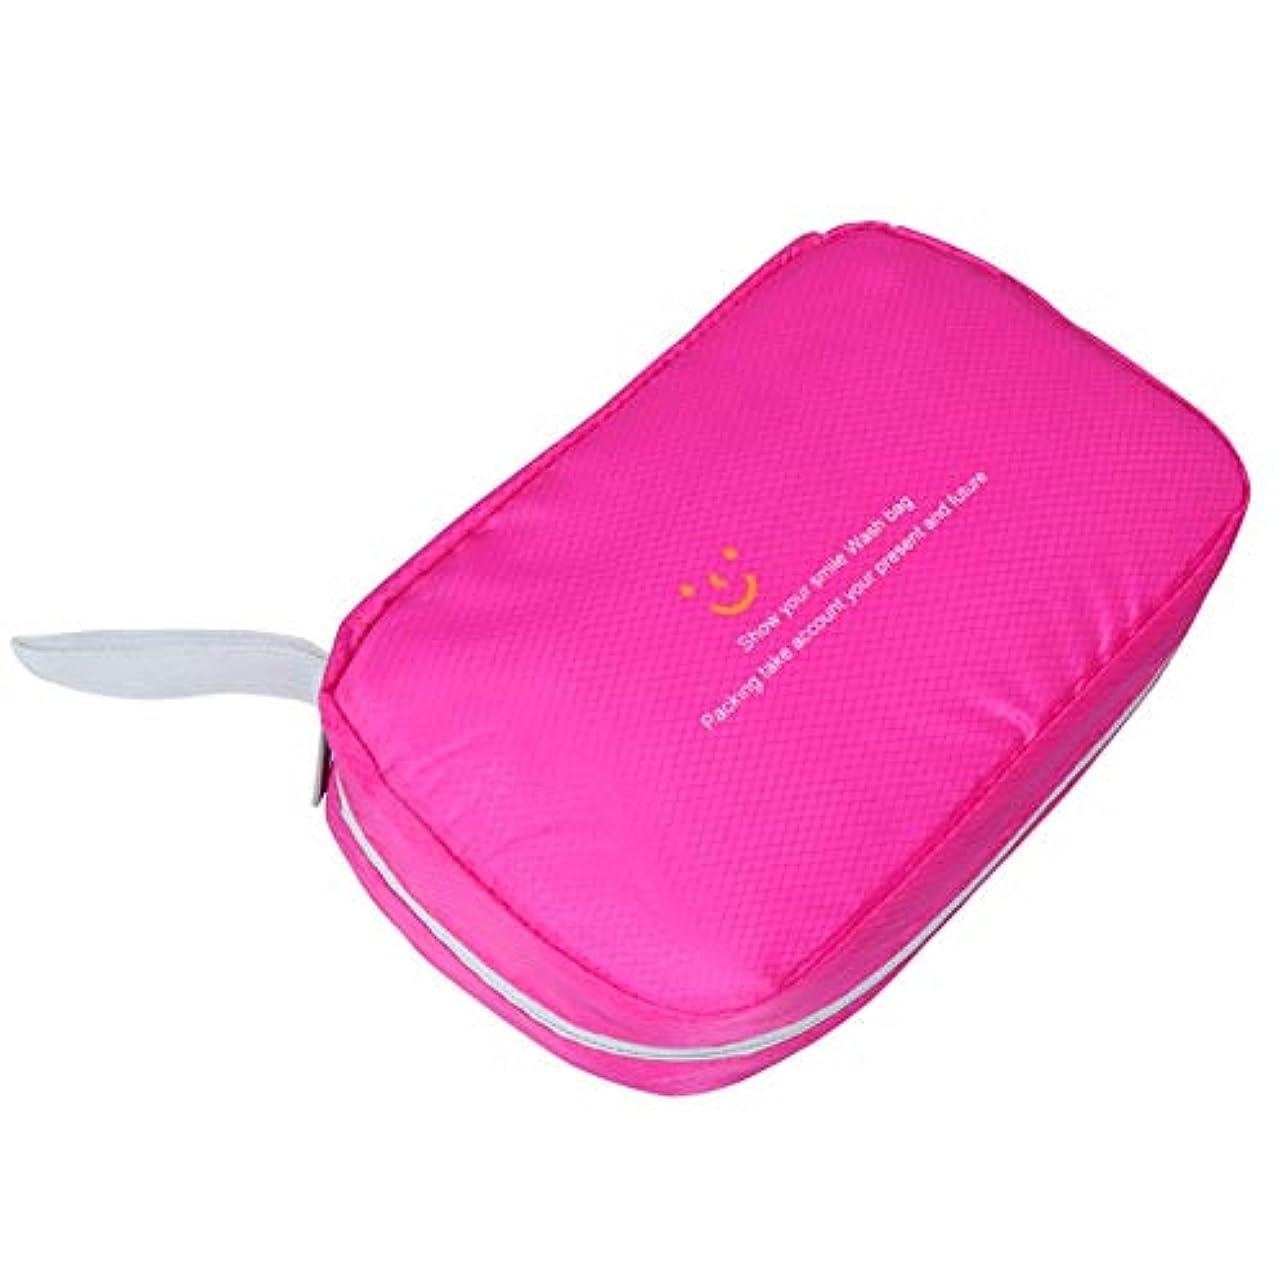 レポートを書く中世のアパート特大スペース収納ビューティーボックス 美の構造のためそしてジッパーおよび折る皿が付いている女の子の女性旅行そして毎日の貯蔵のための高容量の携帯用化粧品袋 化粧品化粧台 (色 : ピンク)